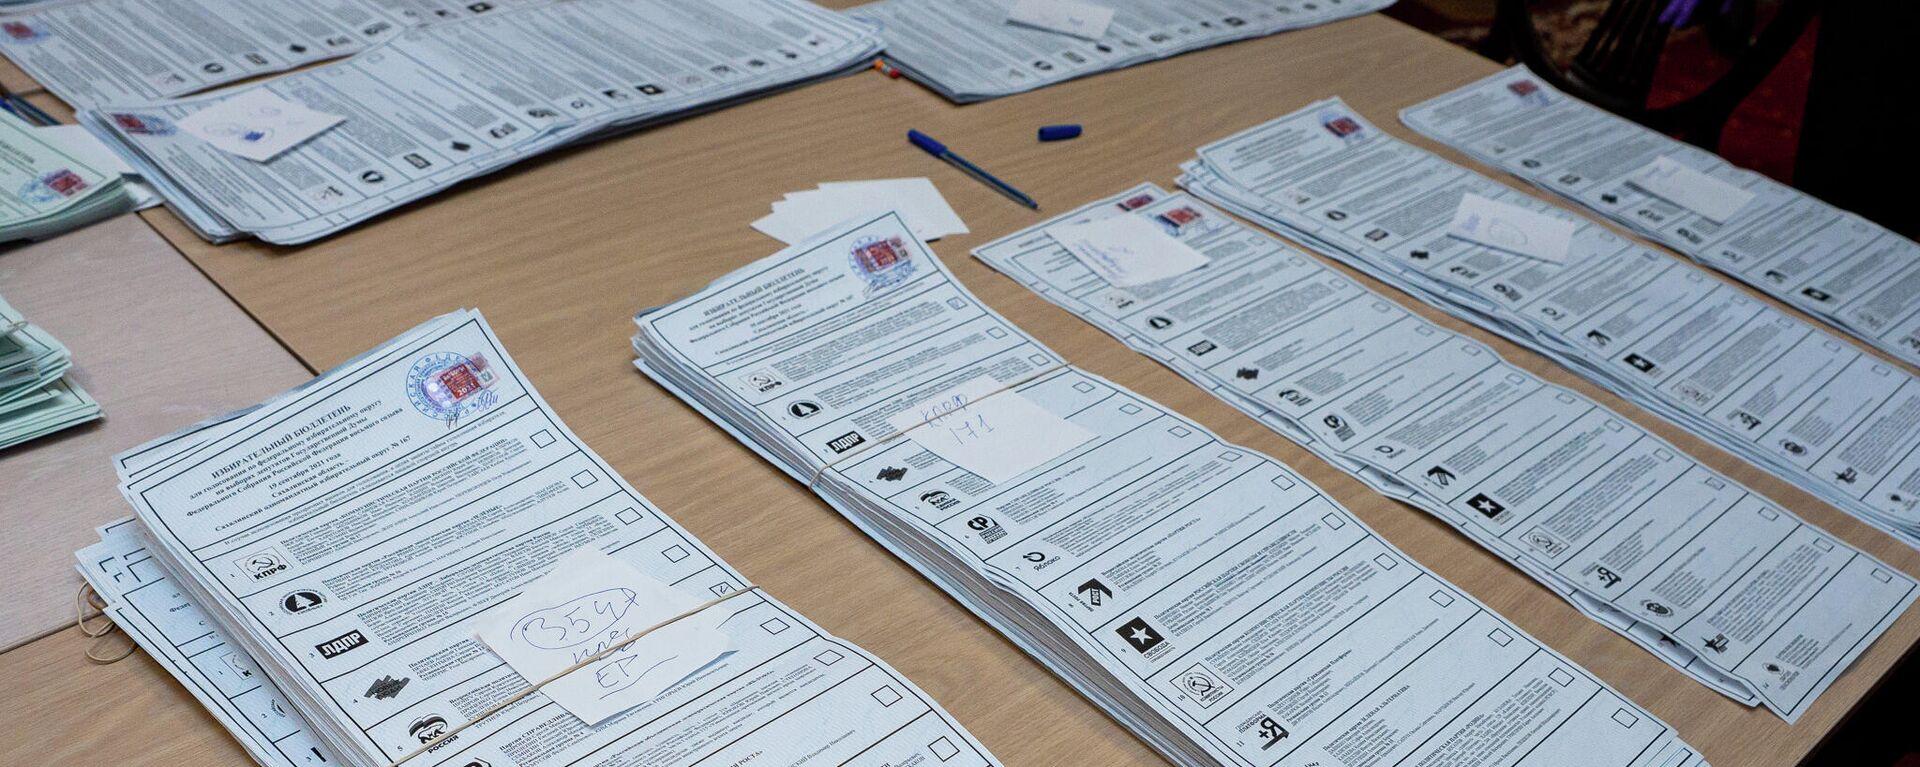 Партия Единая Россия лидирует при подсчете голосов на участке в посольстве России в Латвии - Sputnik Латвия, 1920, 20.09.2021